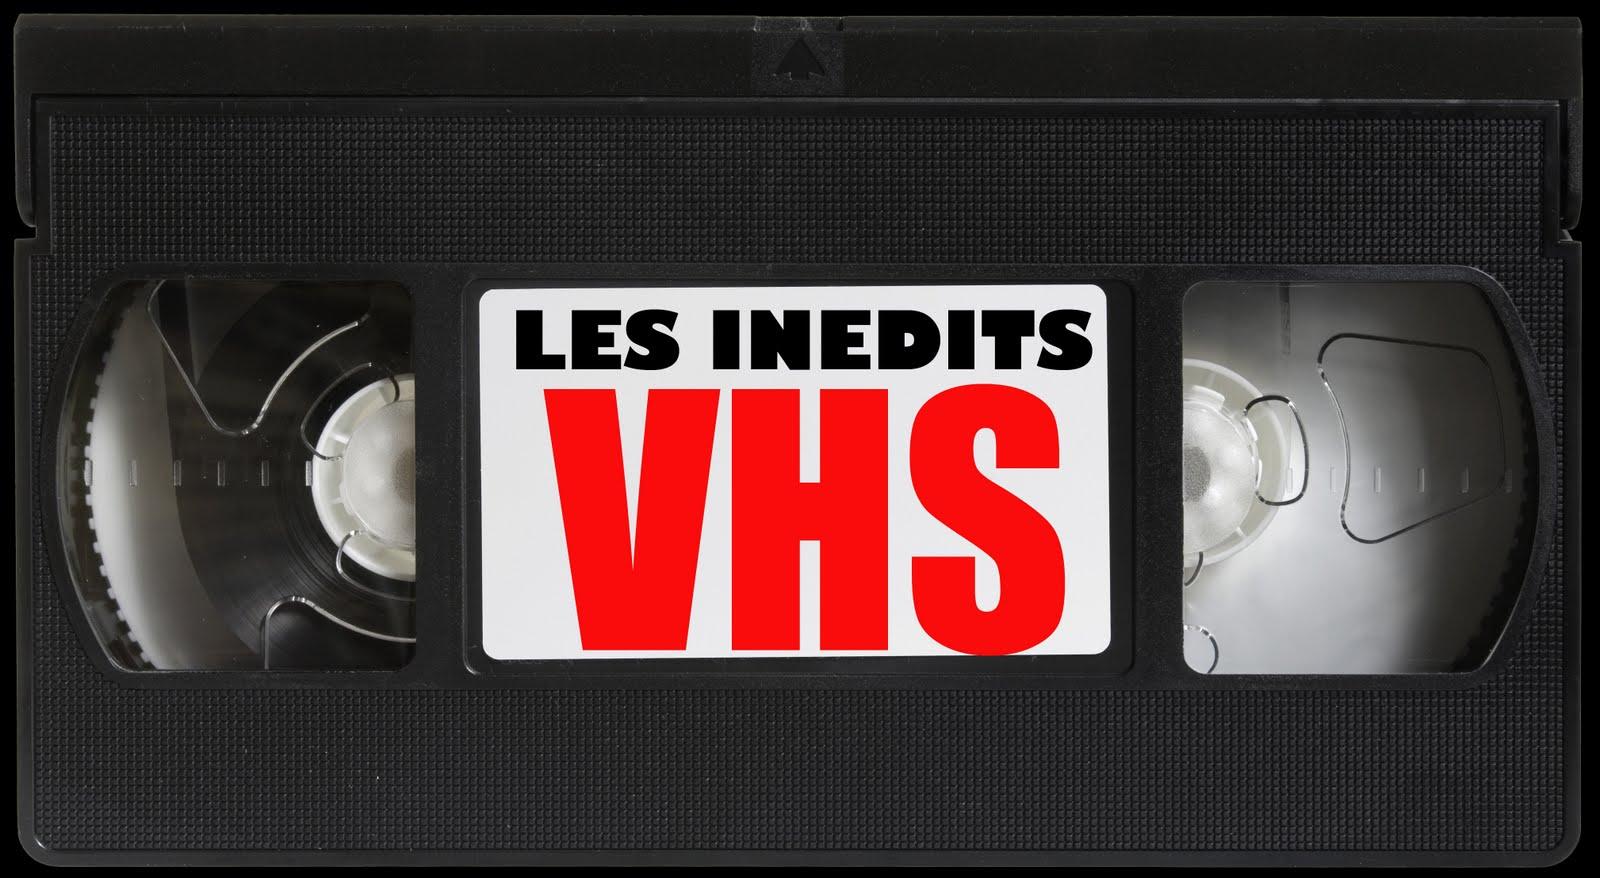 LES INEDITS VHS